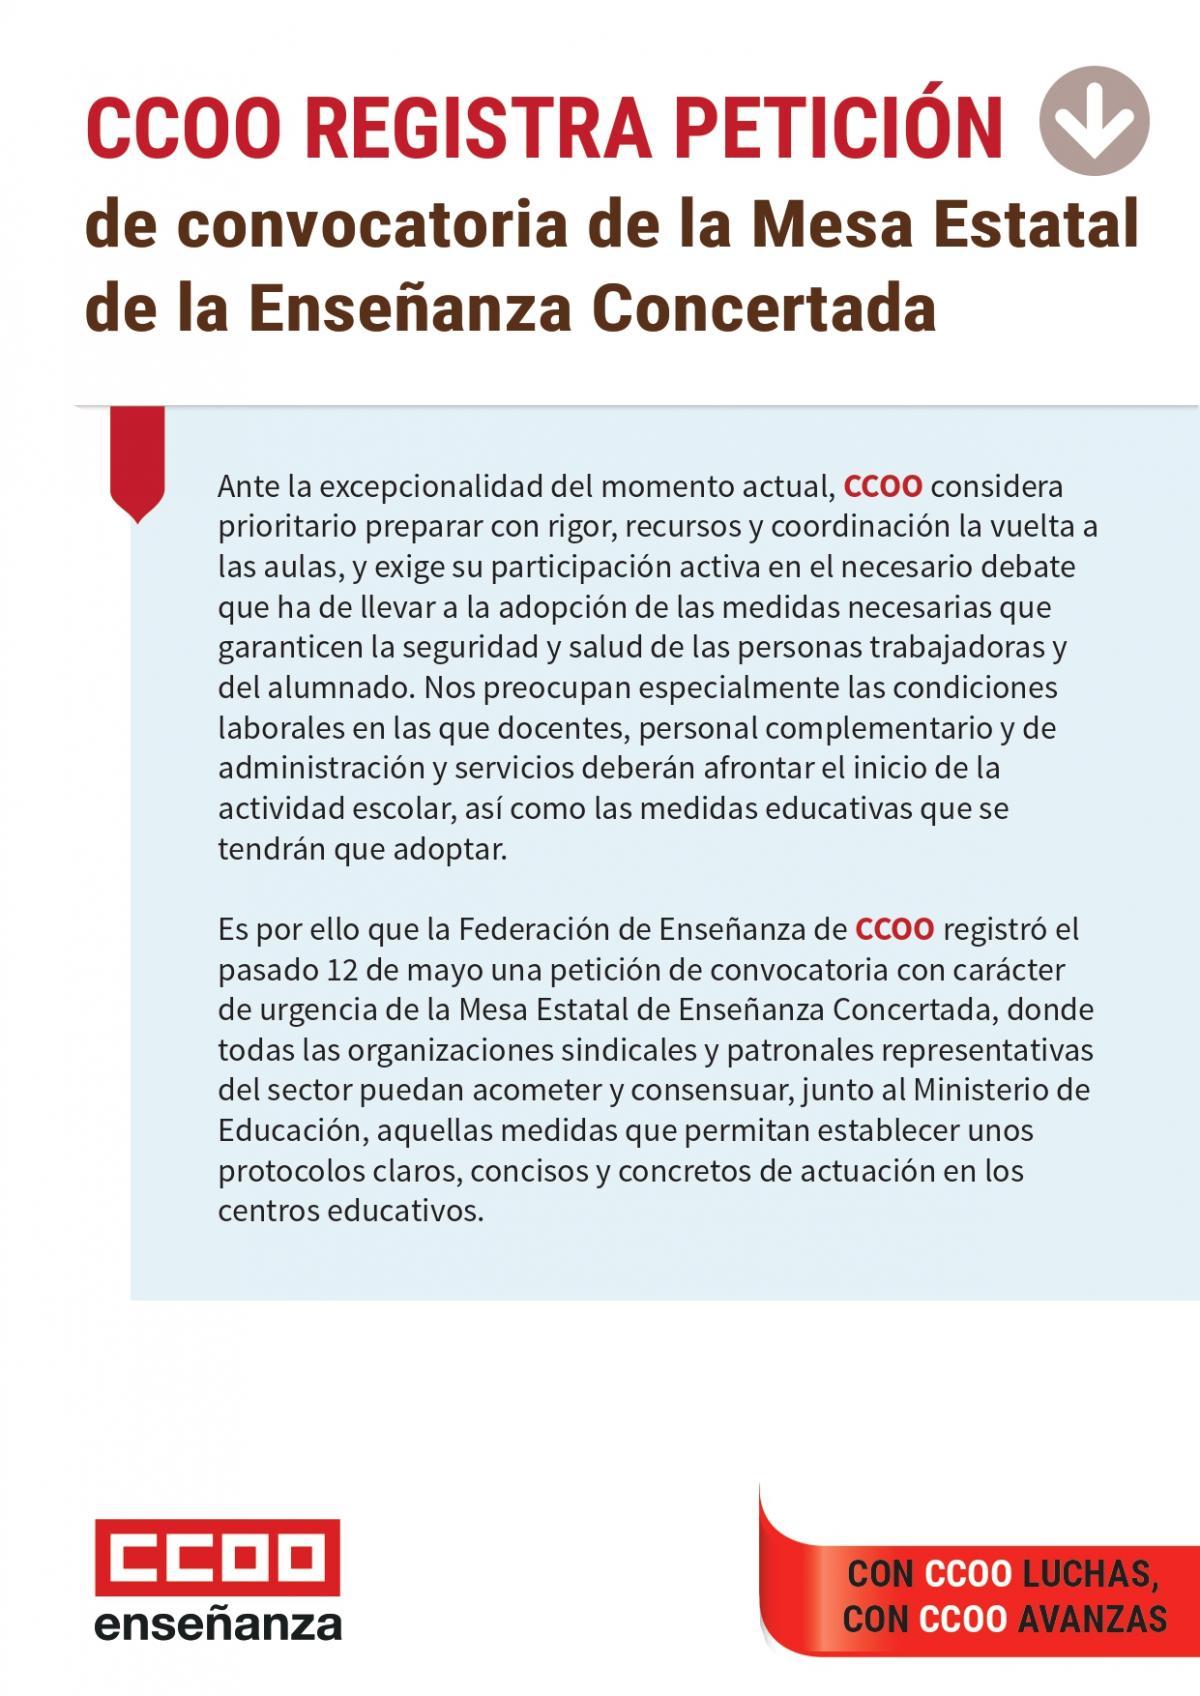 CCOO registra petición de convocatoria de la Mesa Estatal de Enseñanza Concertada